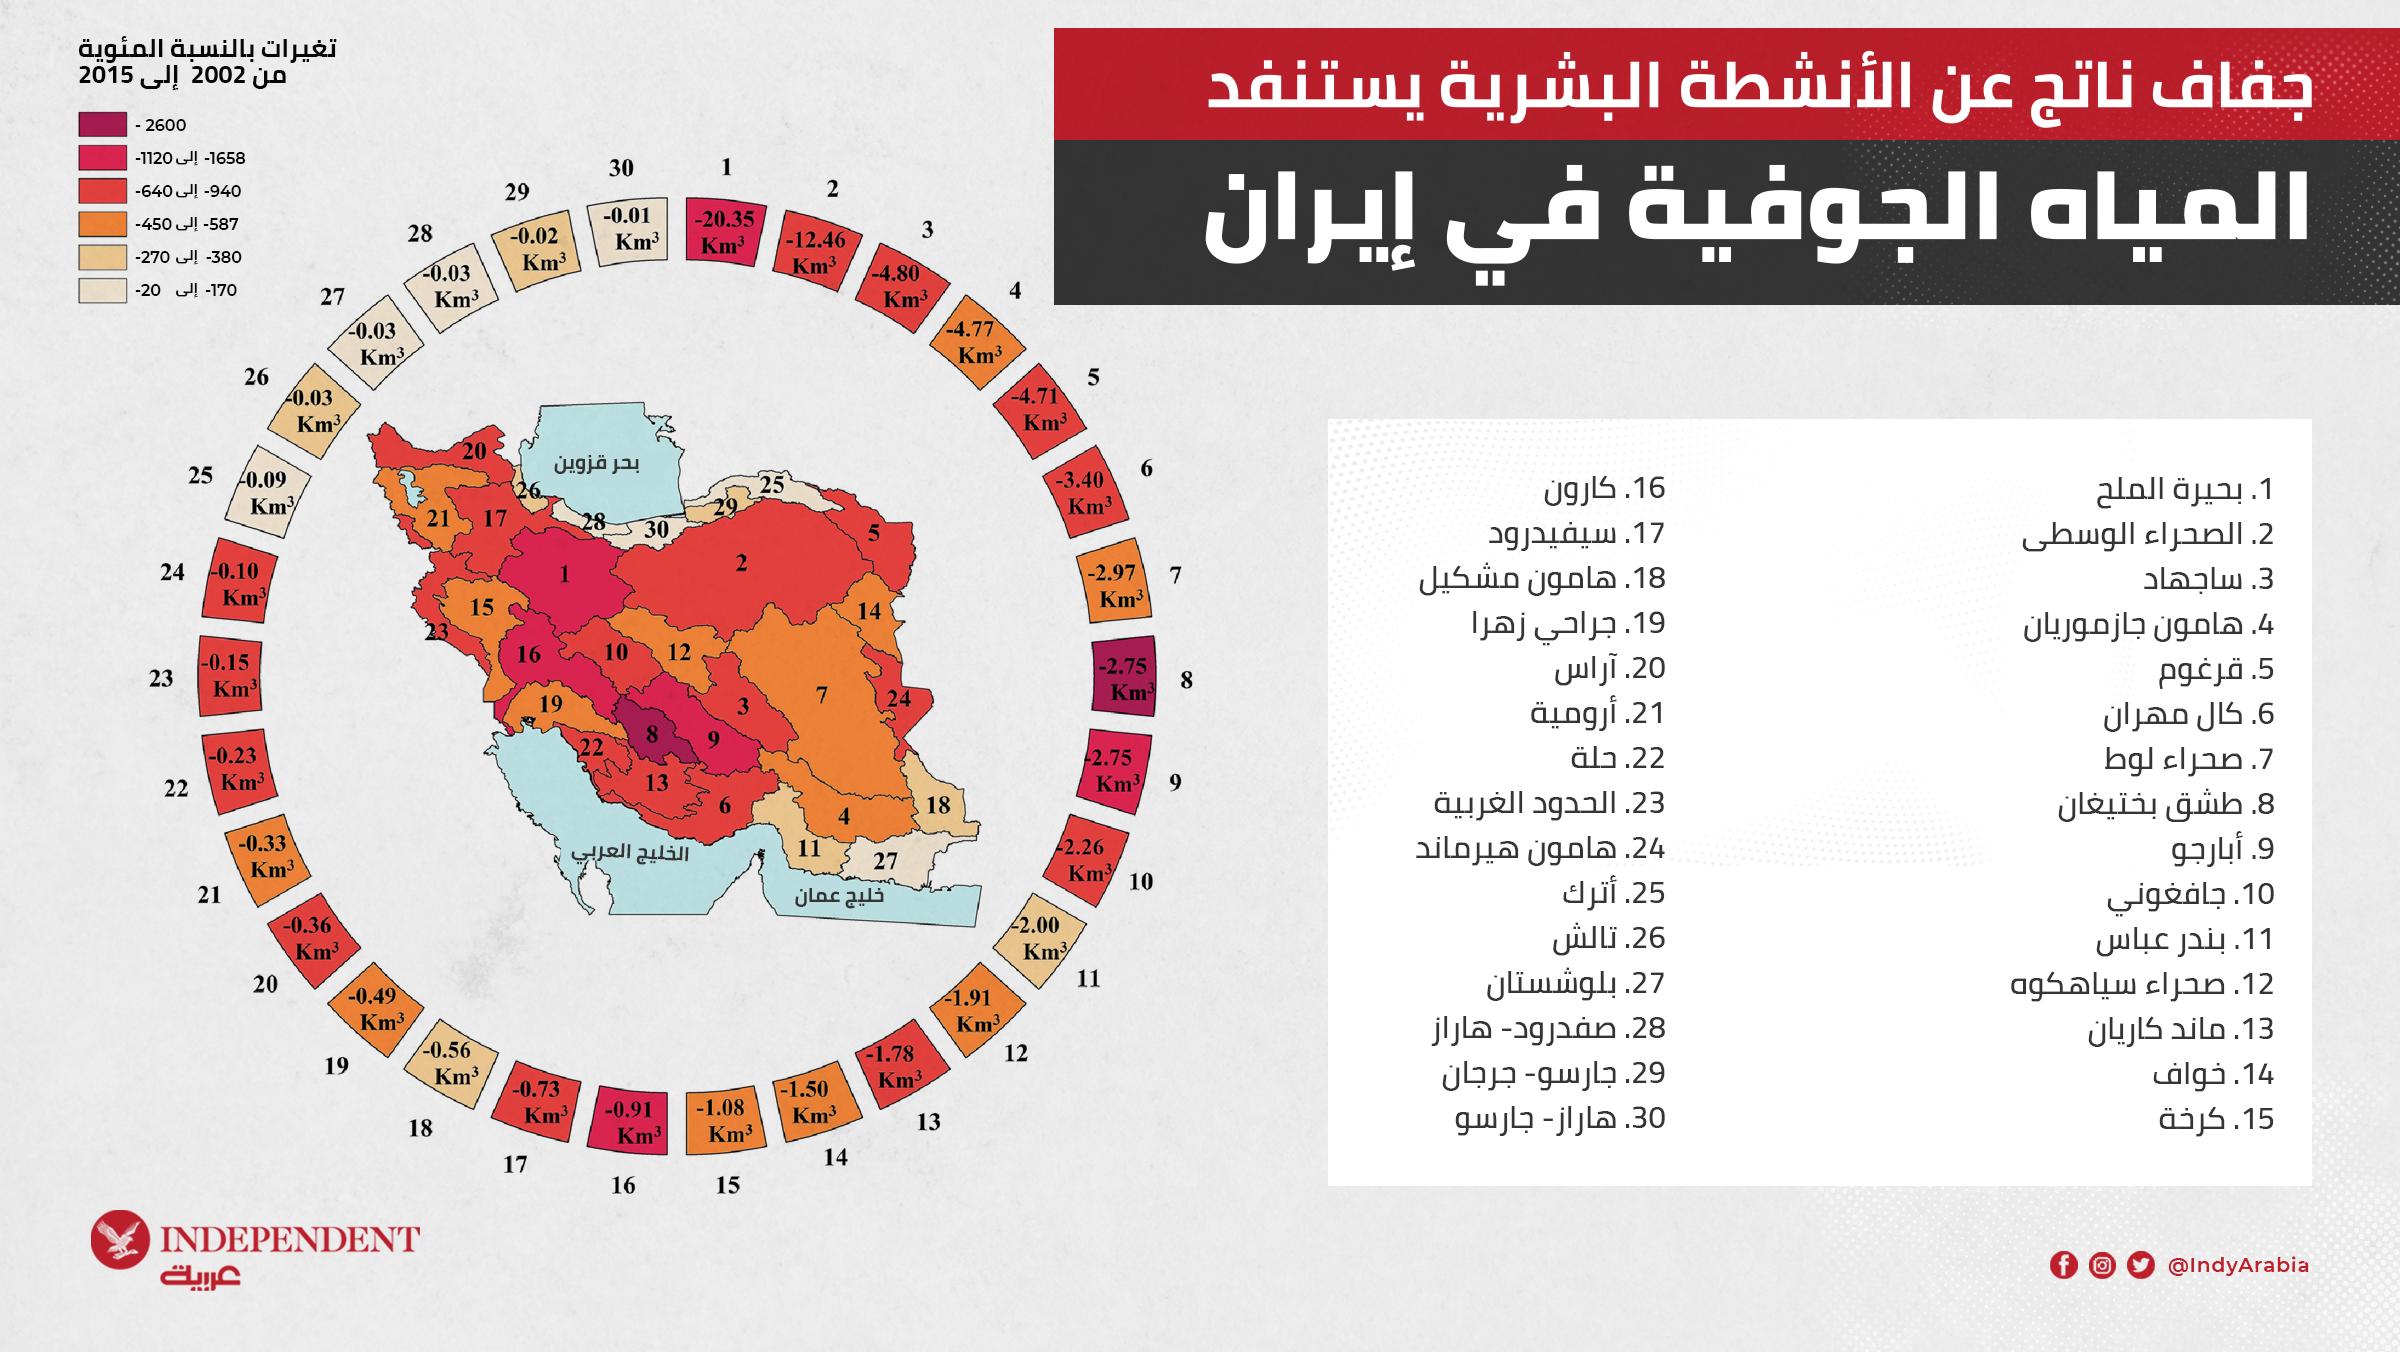 جفاف ناتج عن الأنشطة البشريةيستنفد المياه الجوفية في إيران.png